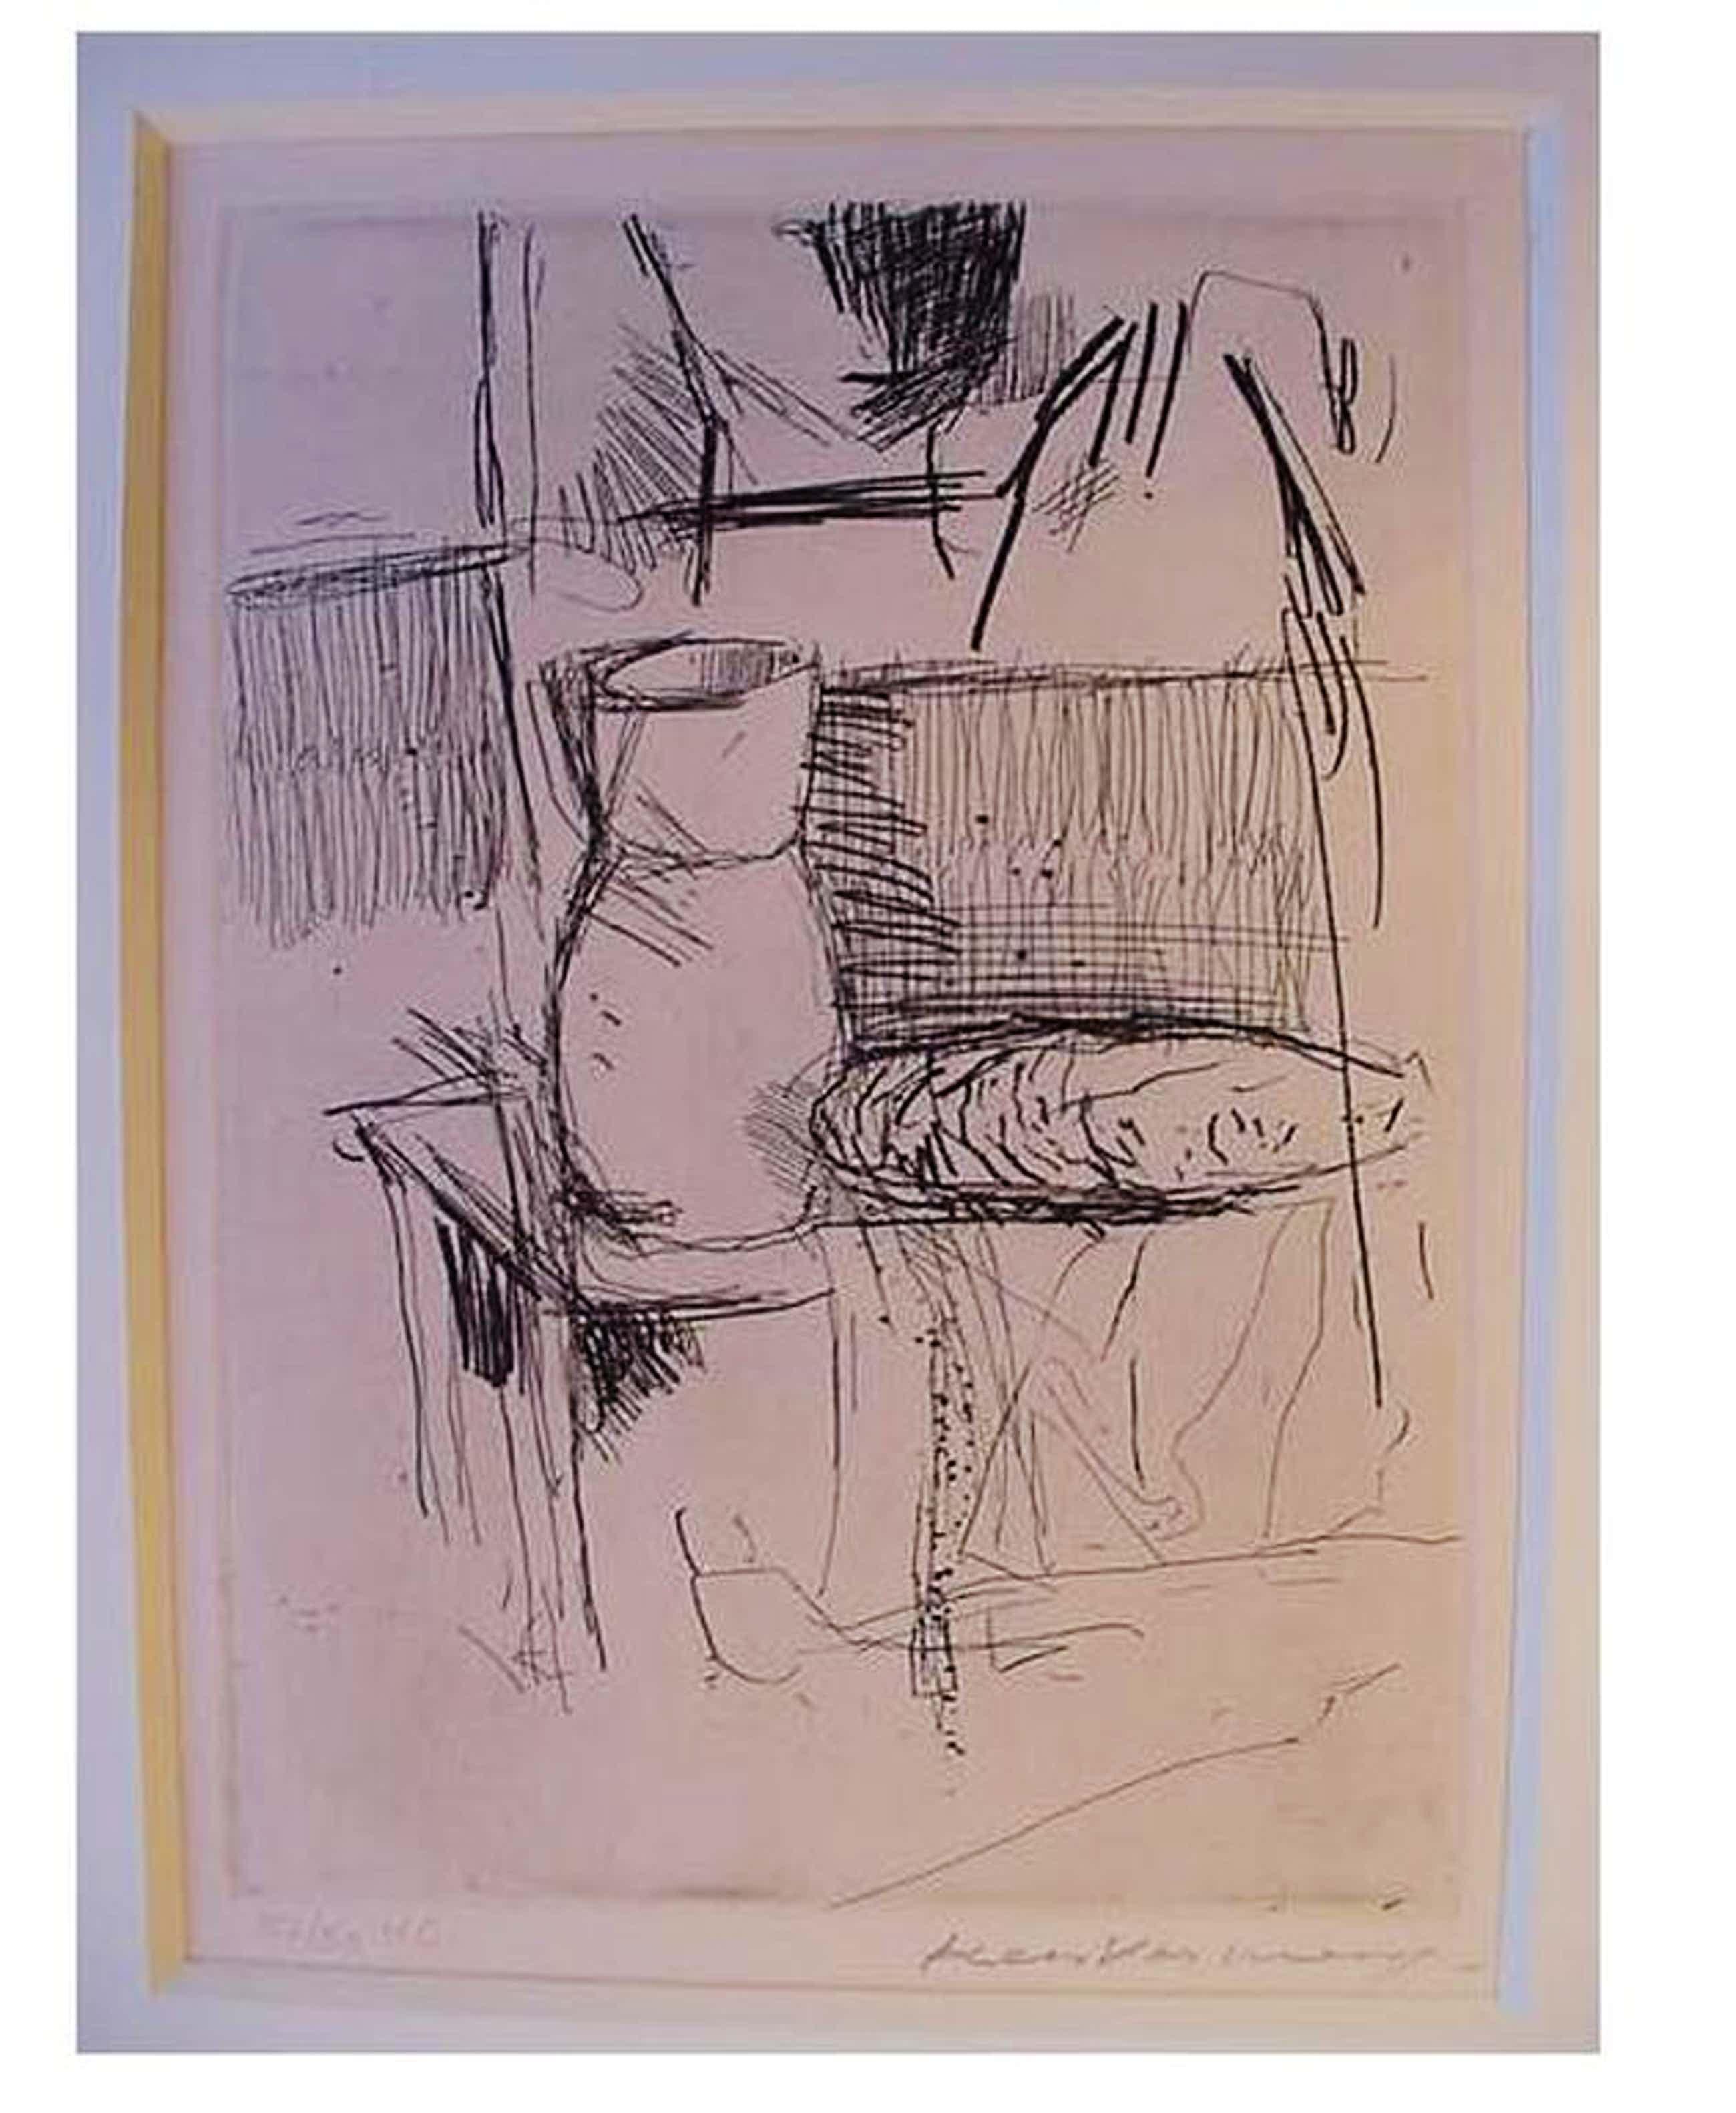 """KEES VERWEY - Ets """"Atelier"""" + luxe uitgave """"Het Atelier Van Kees Verwey"""" 1976 kopen? Bied vanaf 100!"""